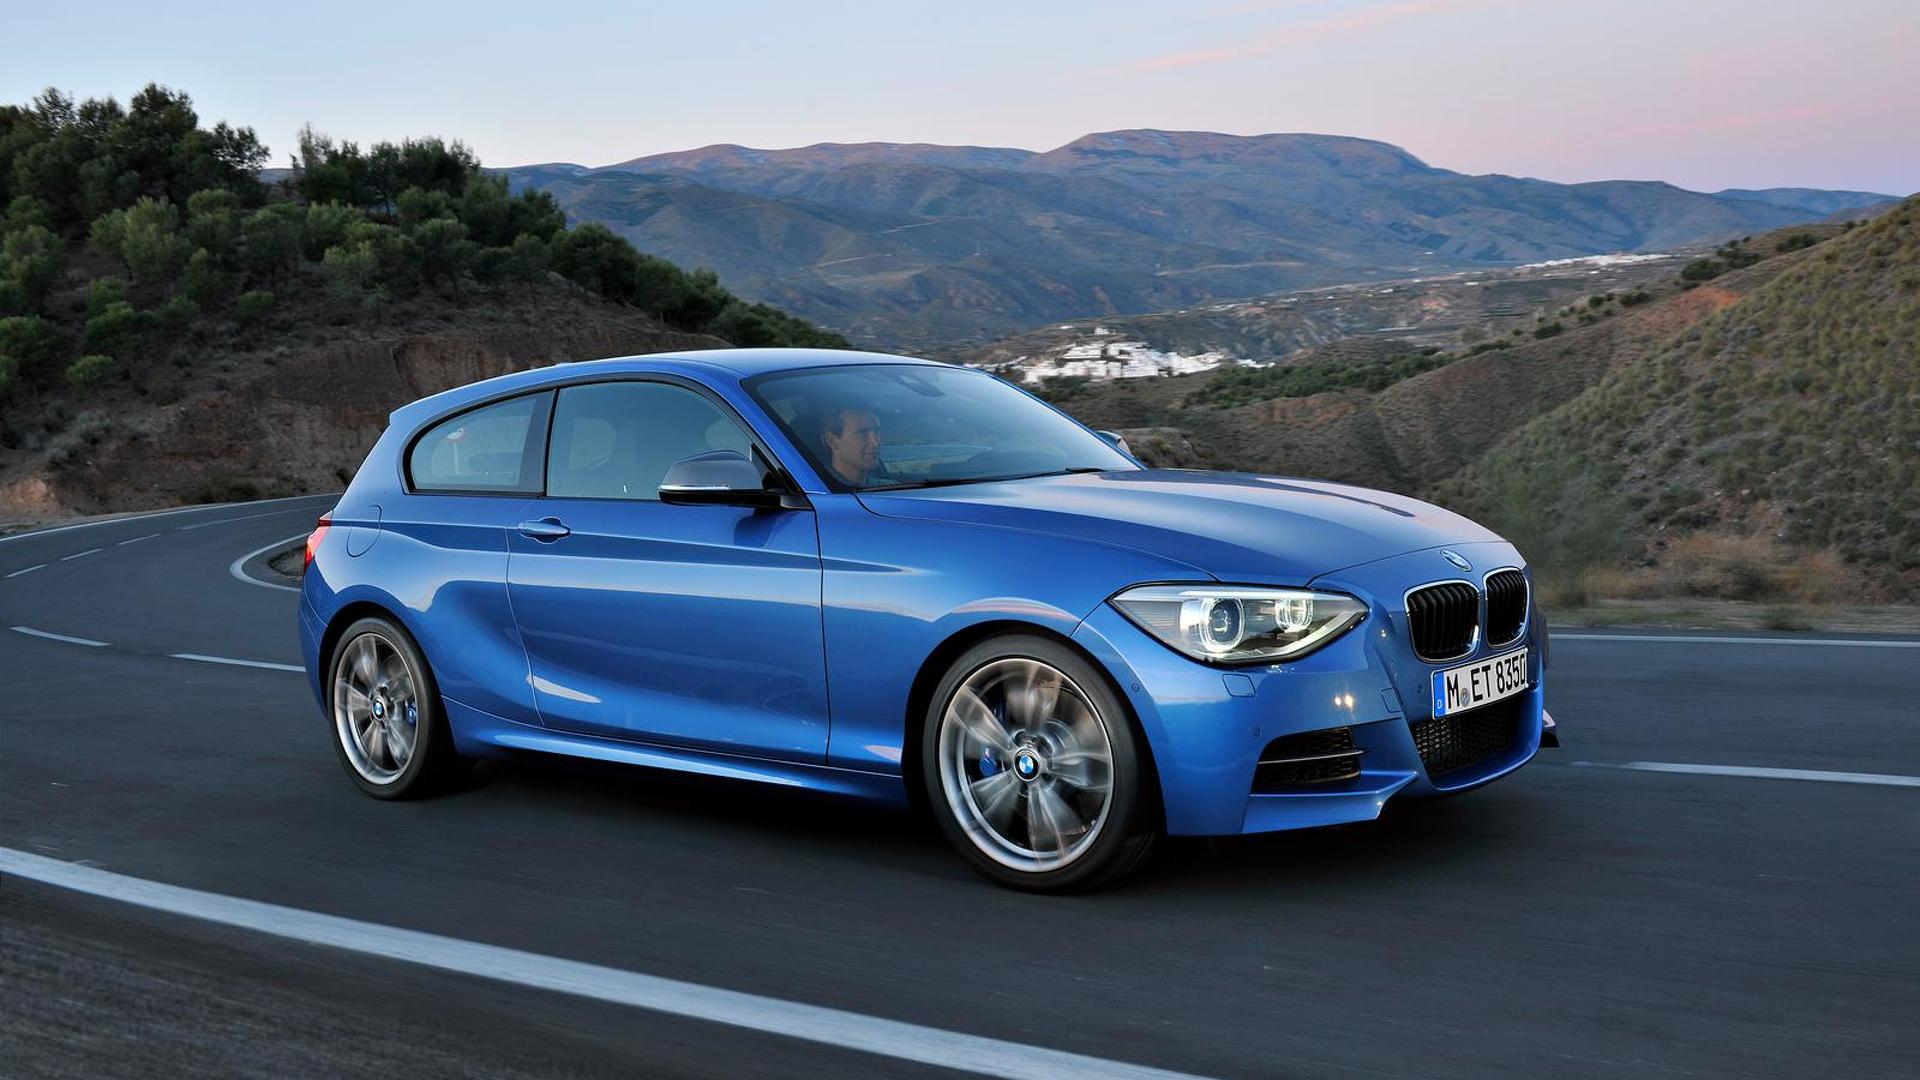 BMW 1-Series M sedan in the works - report